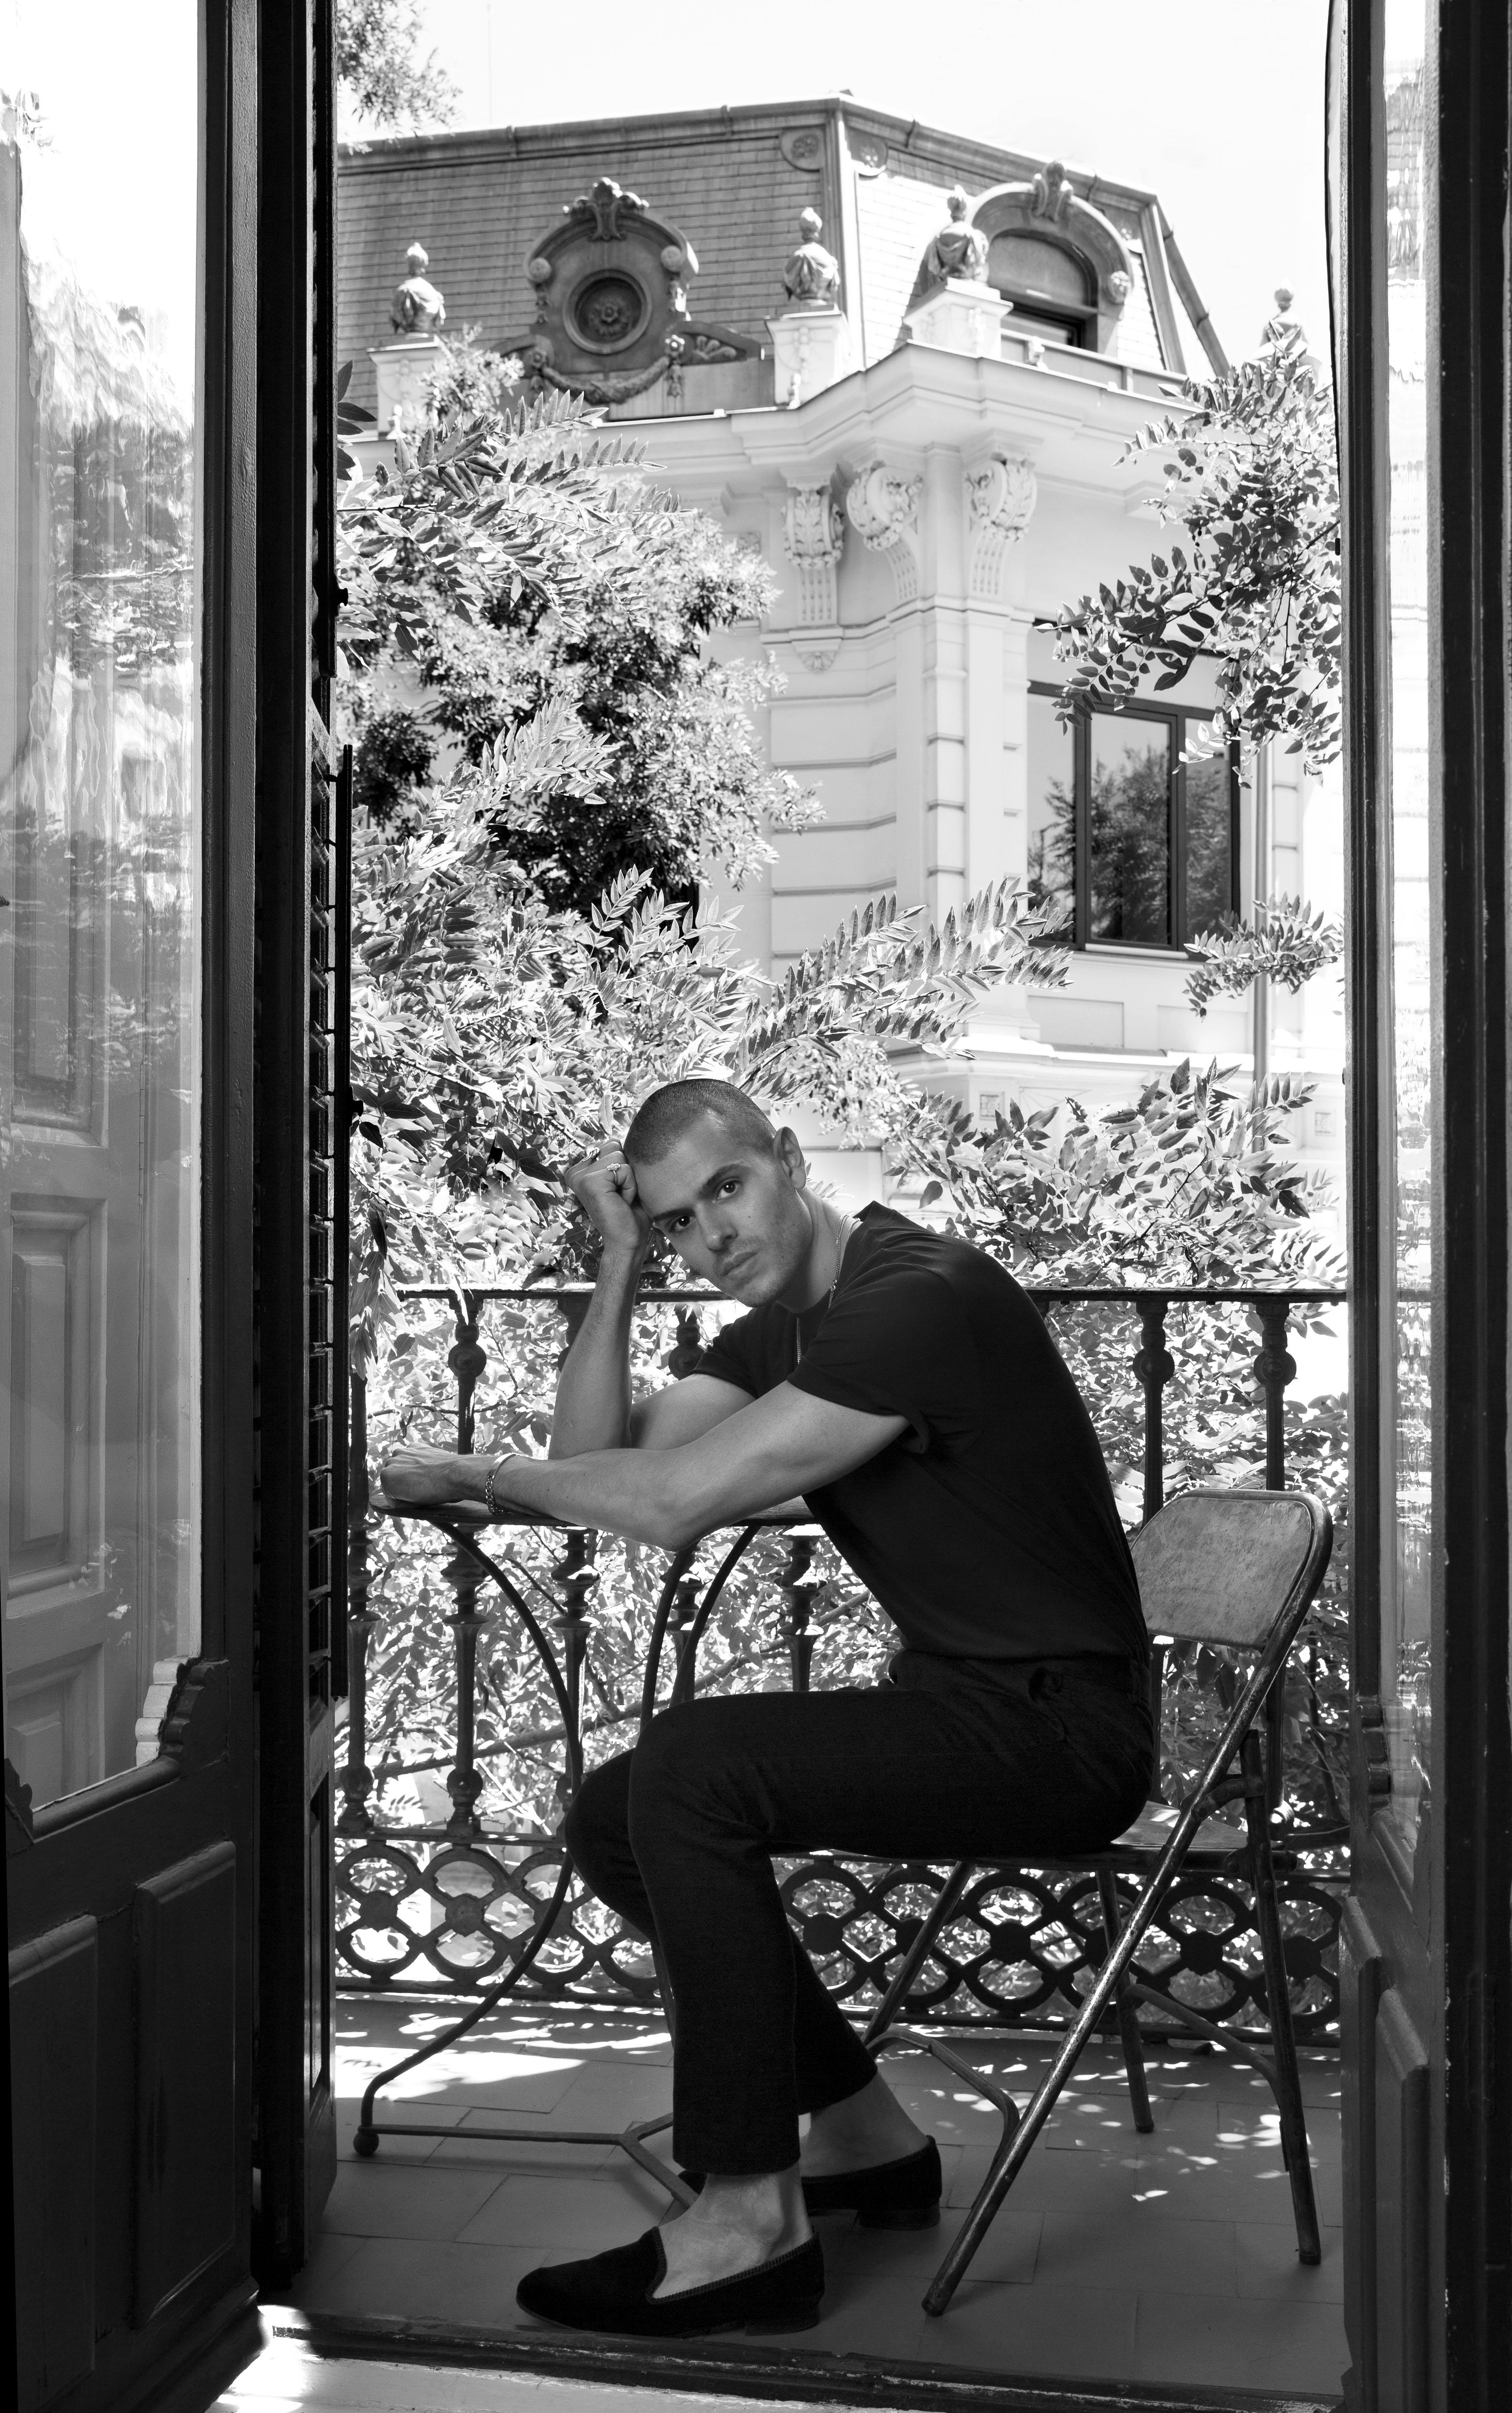 El diseñador español Andrés Acosta, fotografiado en Madrid. (Foto: Olga Moreno)